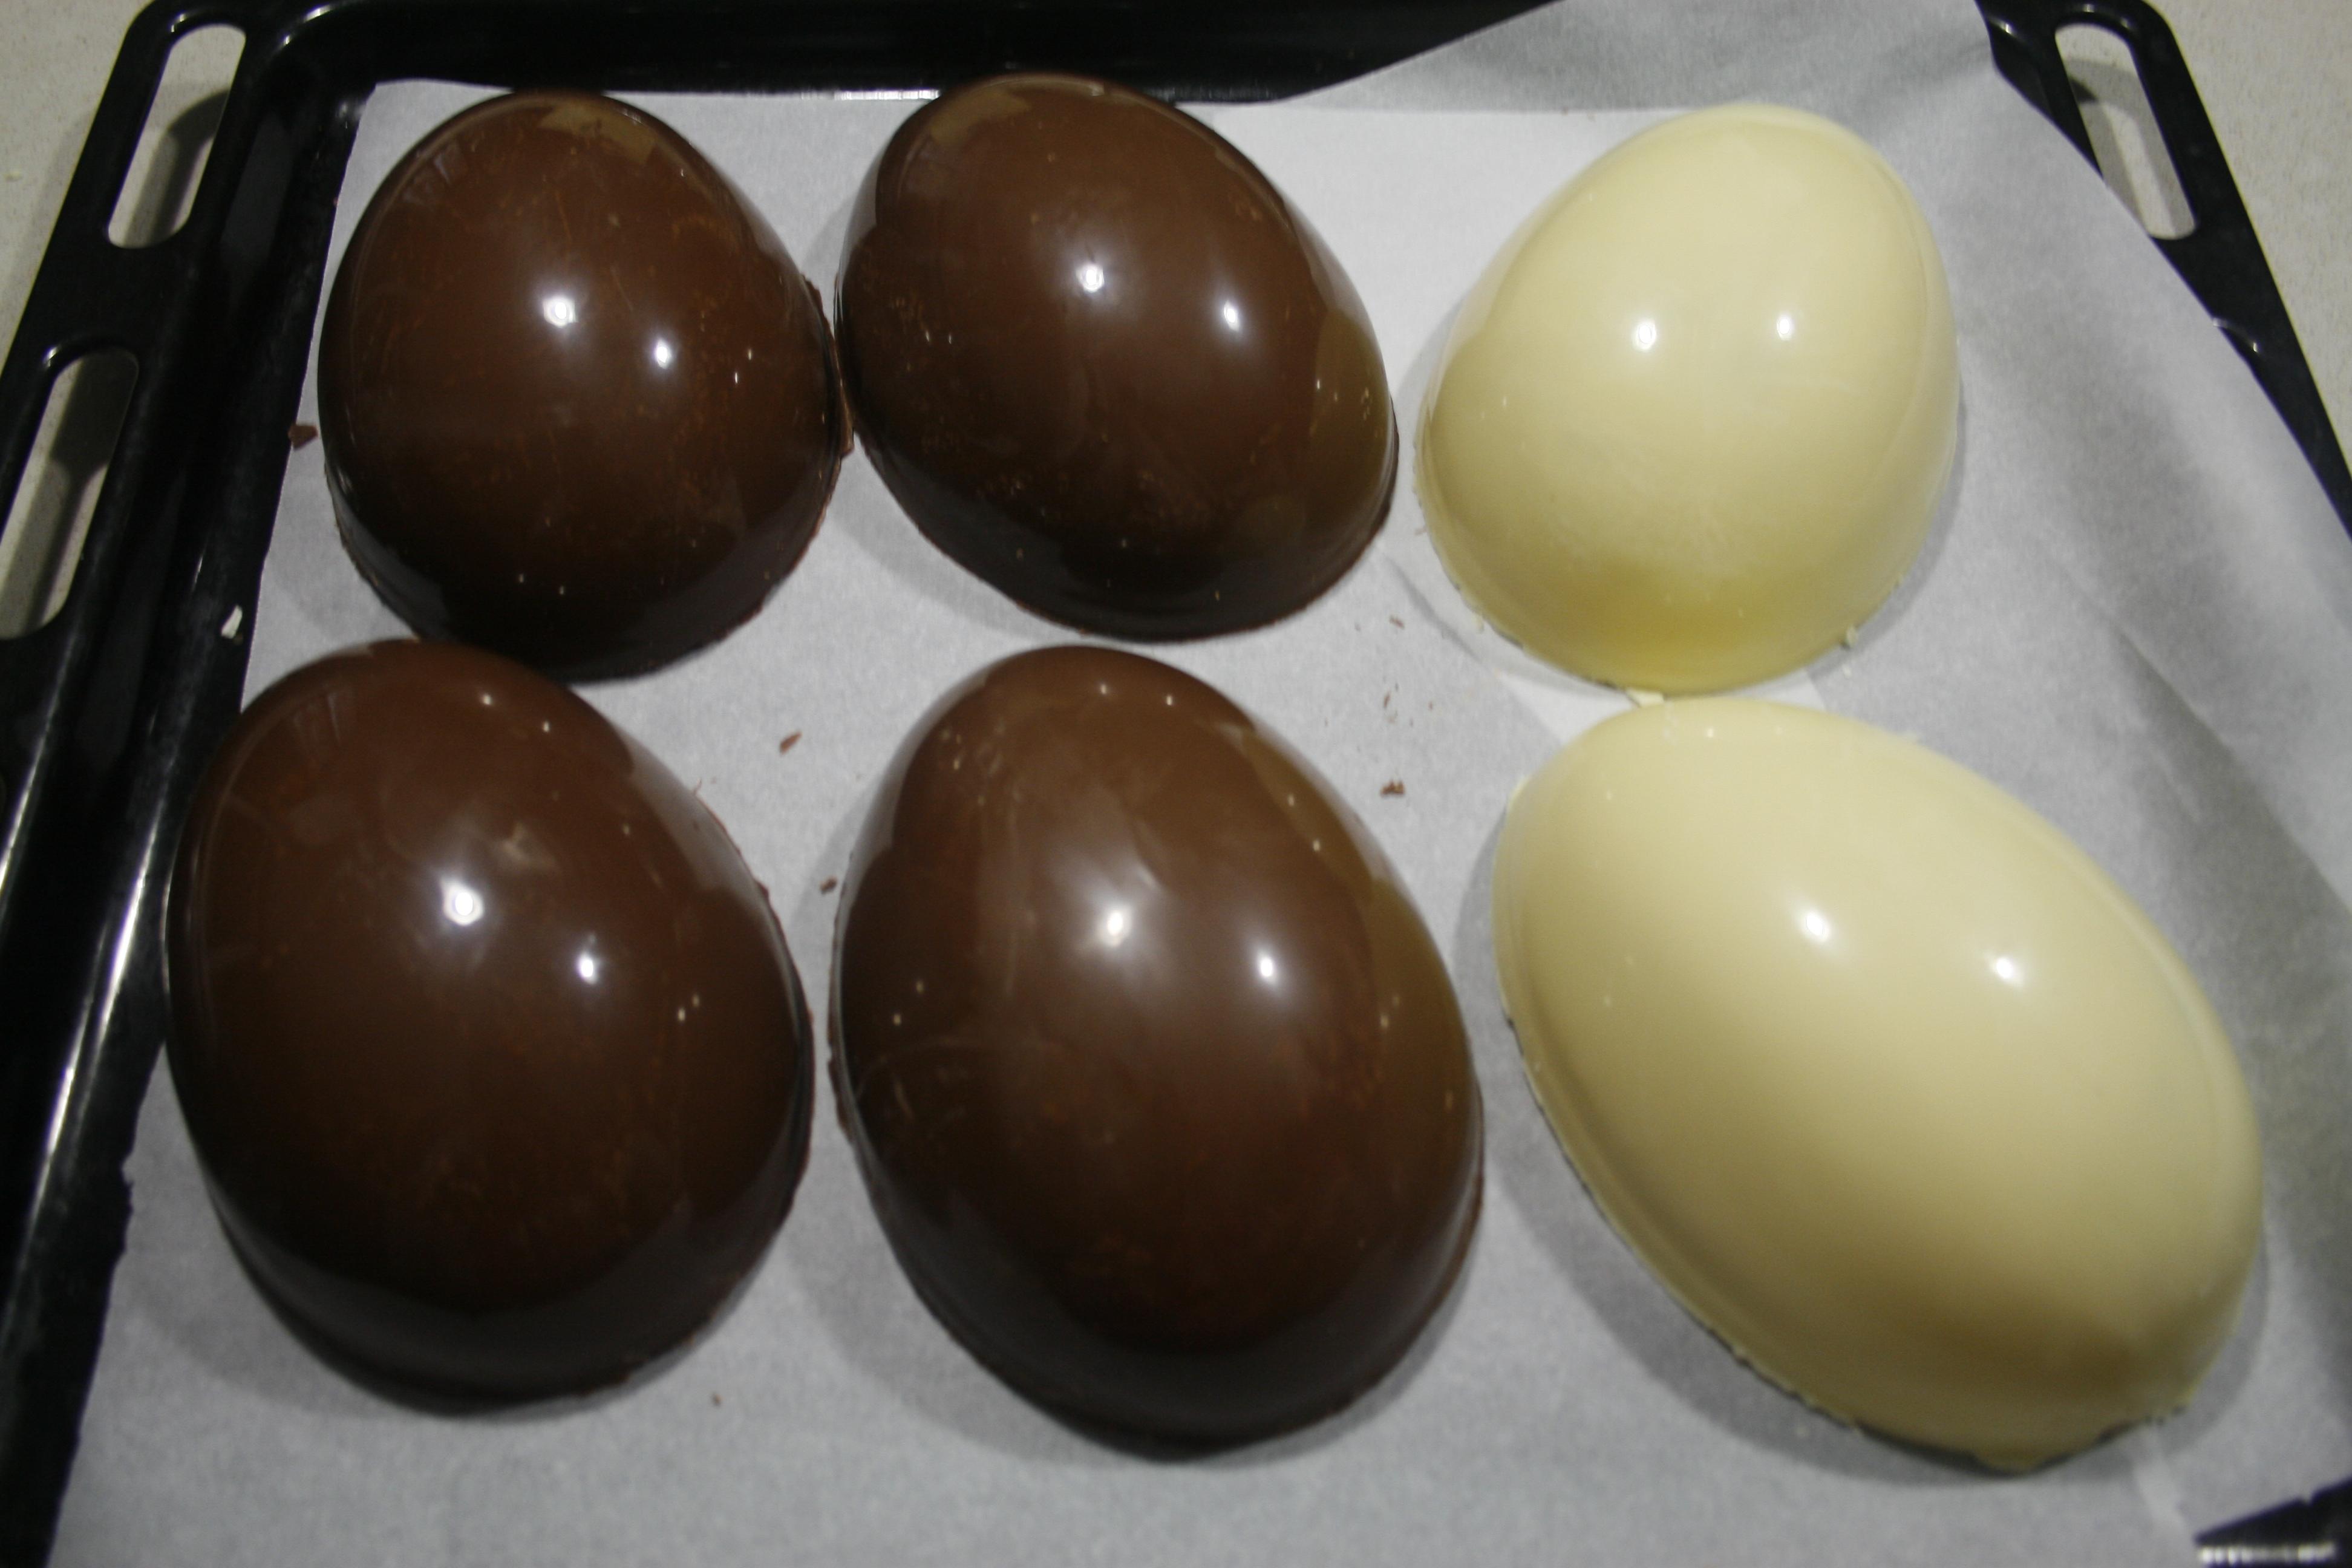 Uovo di cioccolato fatto in casa con tutorial ricetta - Uova di pasqua in casa ...